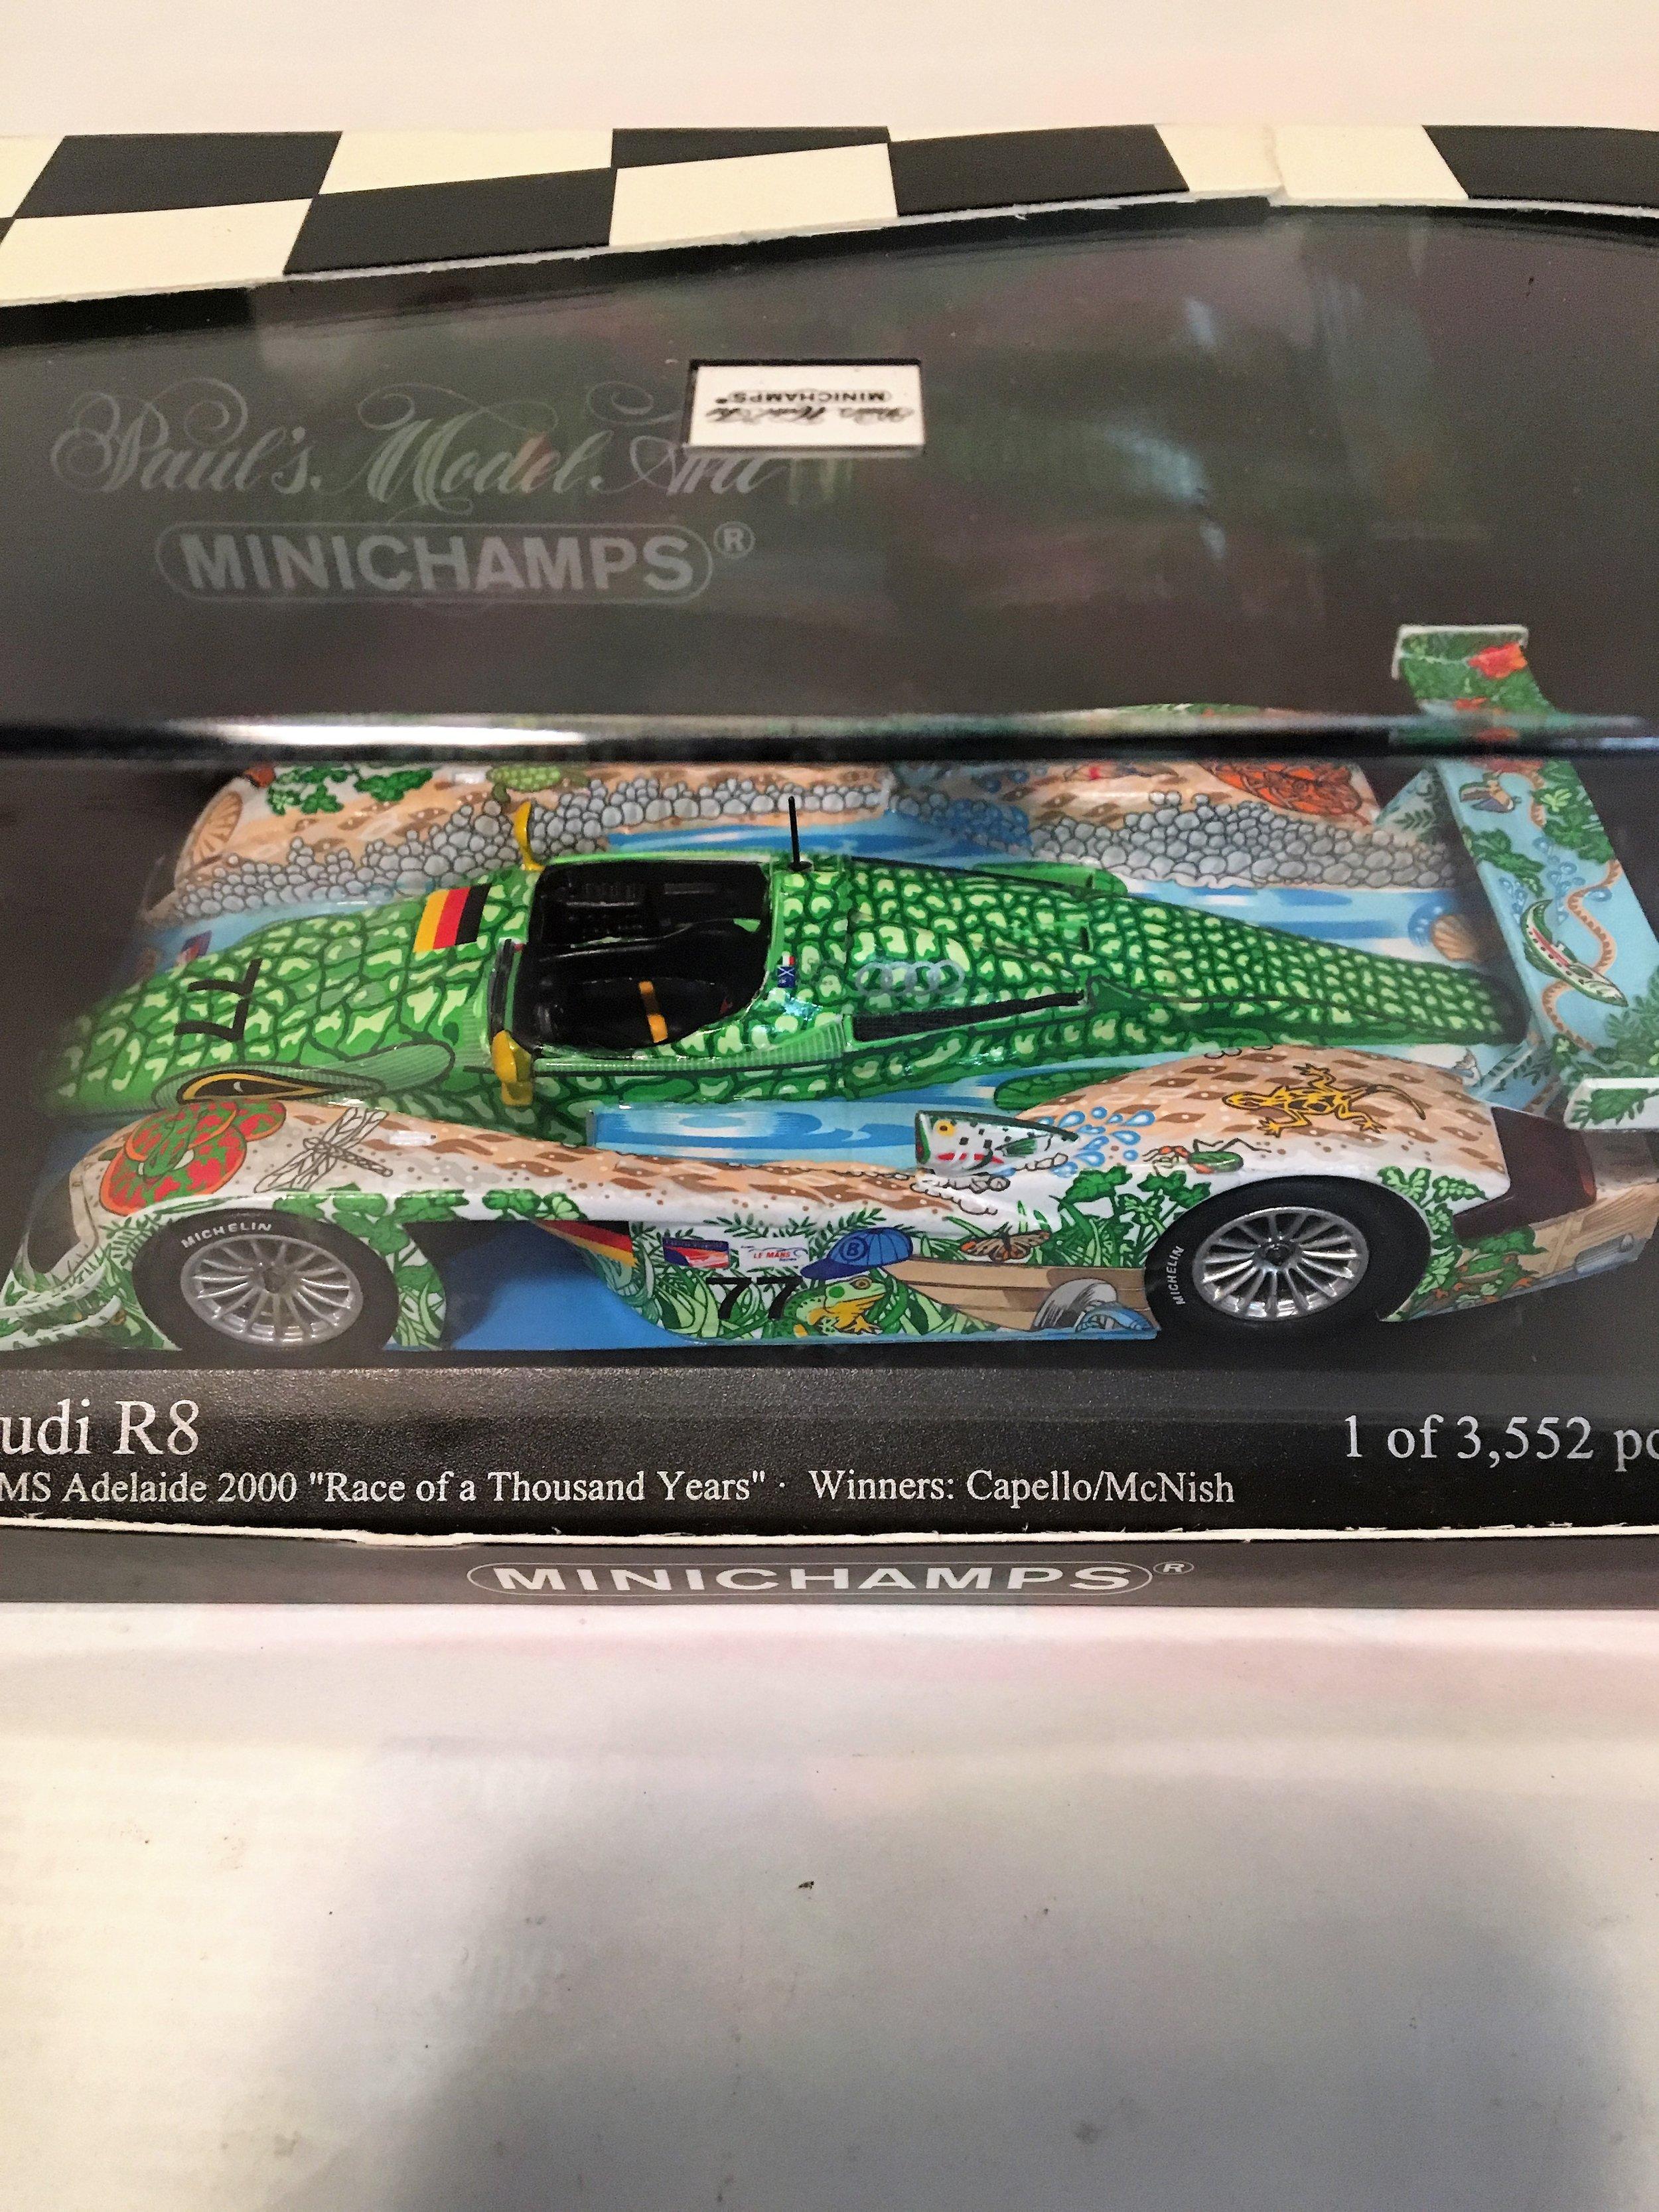 MinichampsR8Green3.JPG